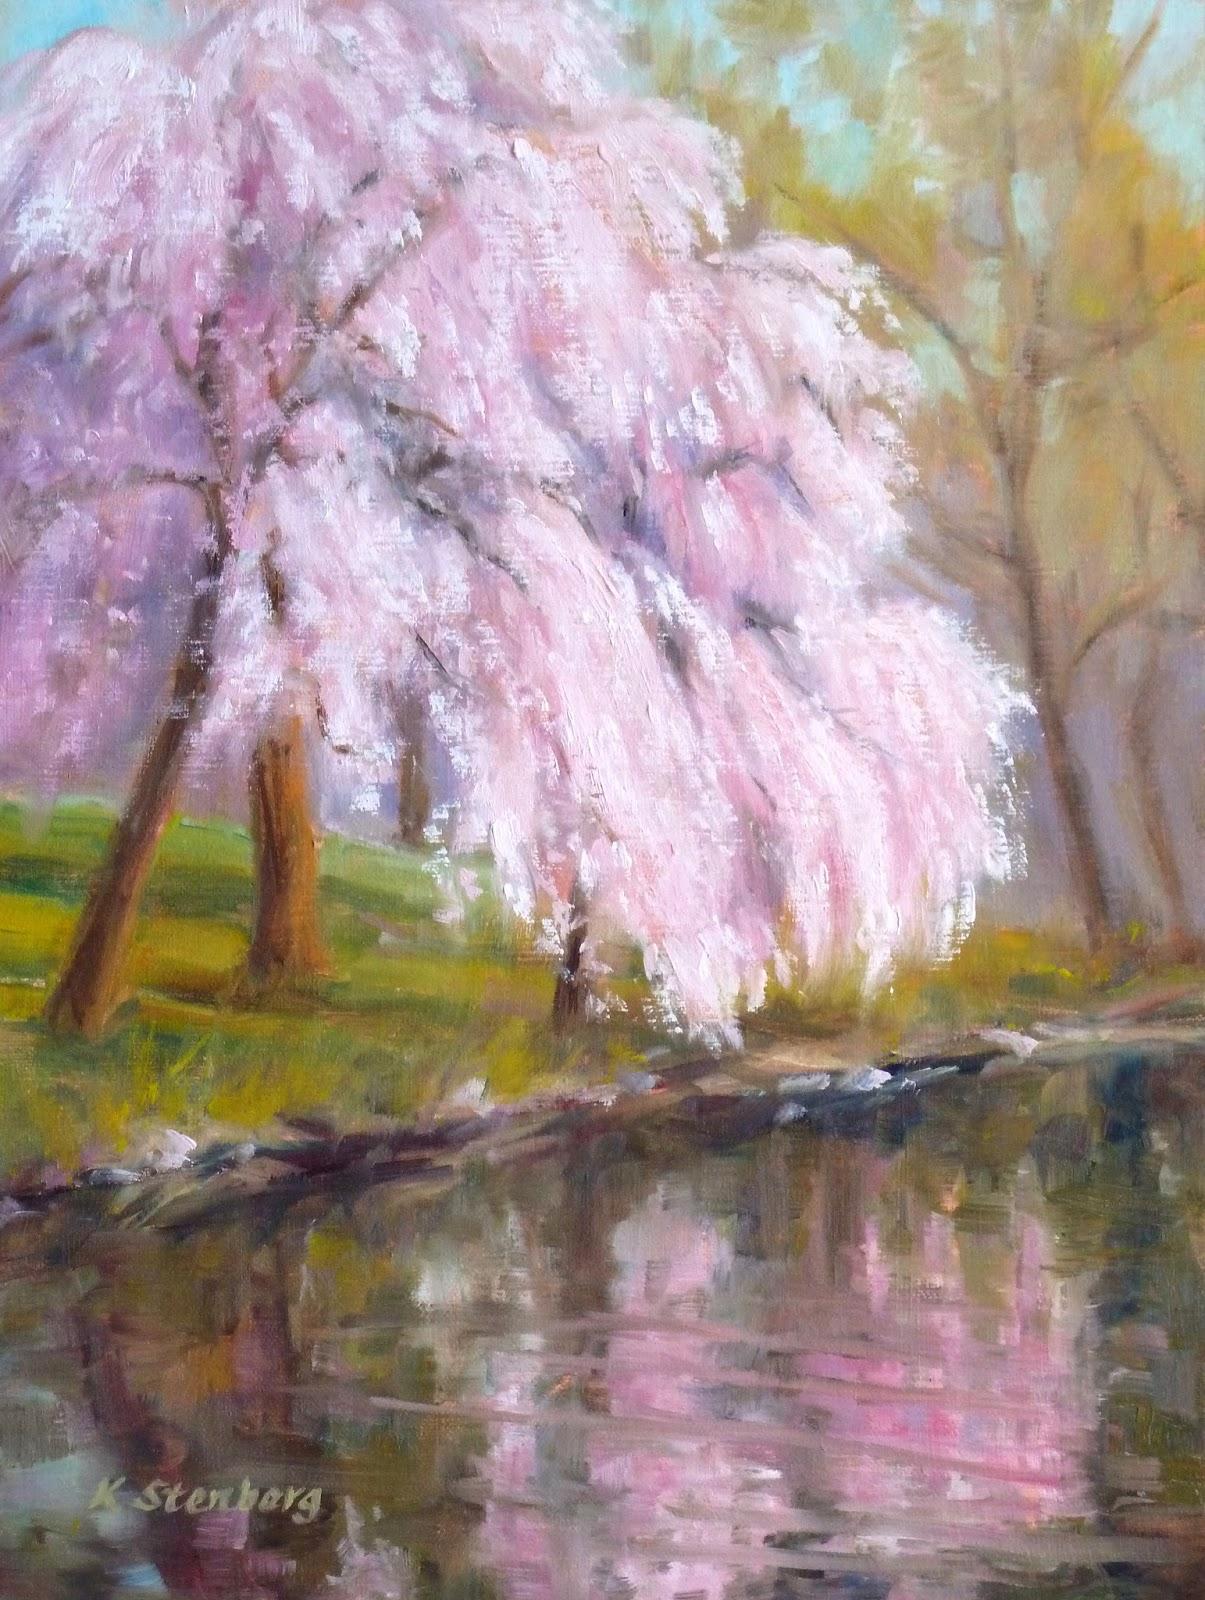 Kim stenberg 39 s painting journal cherry blossom season for Cherry blossom mural works